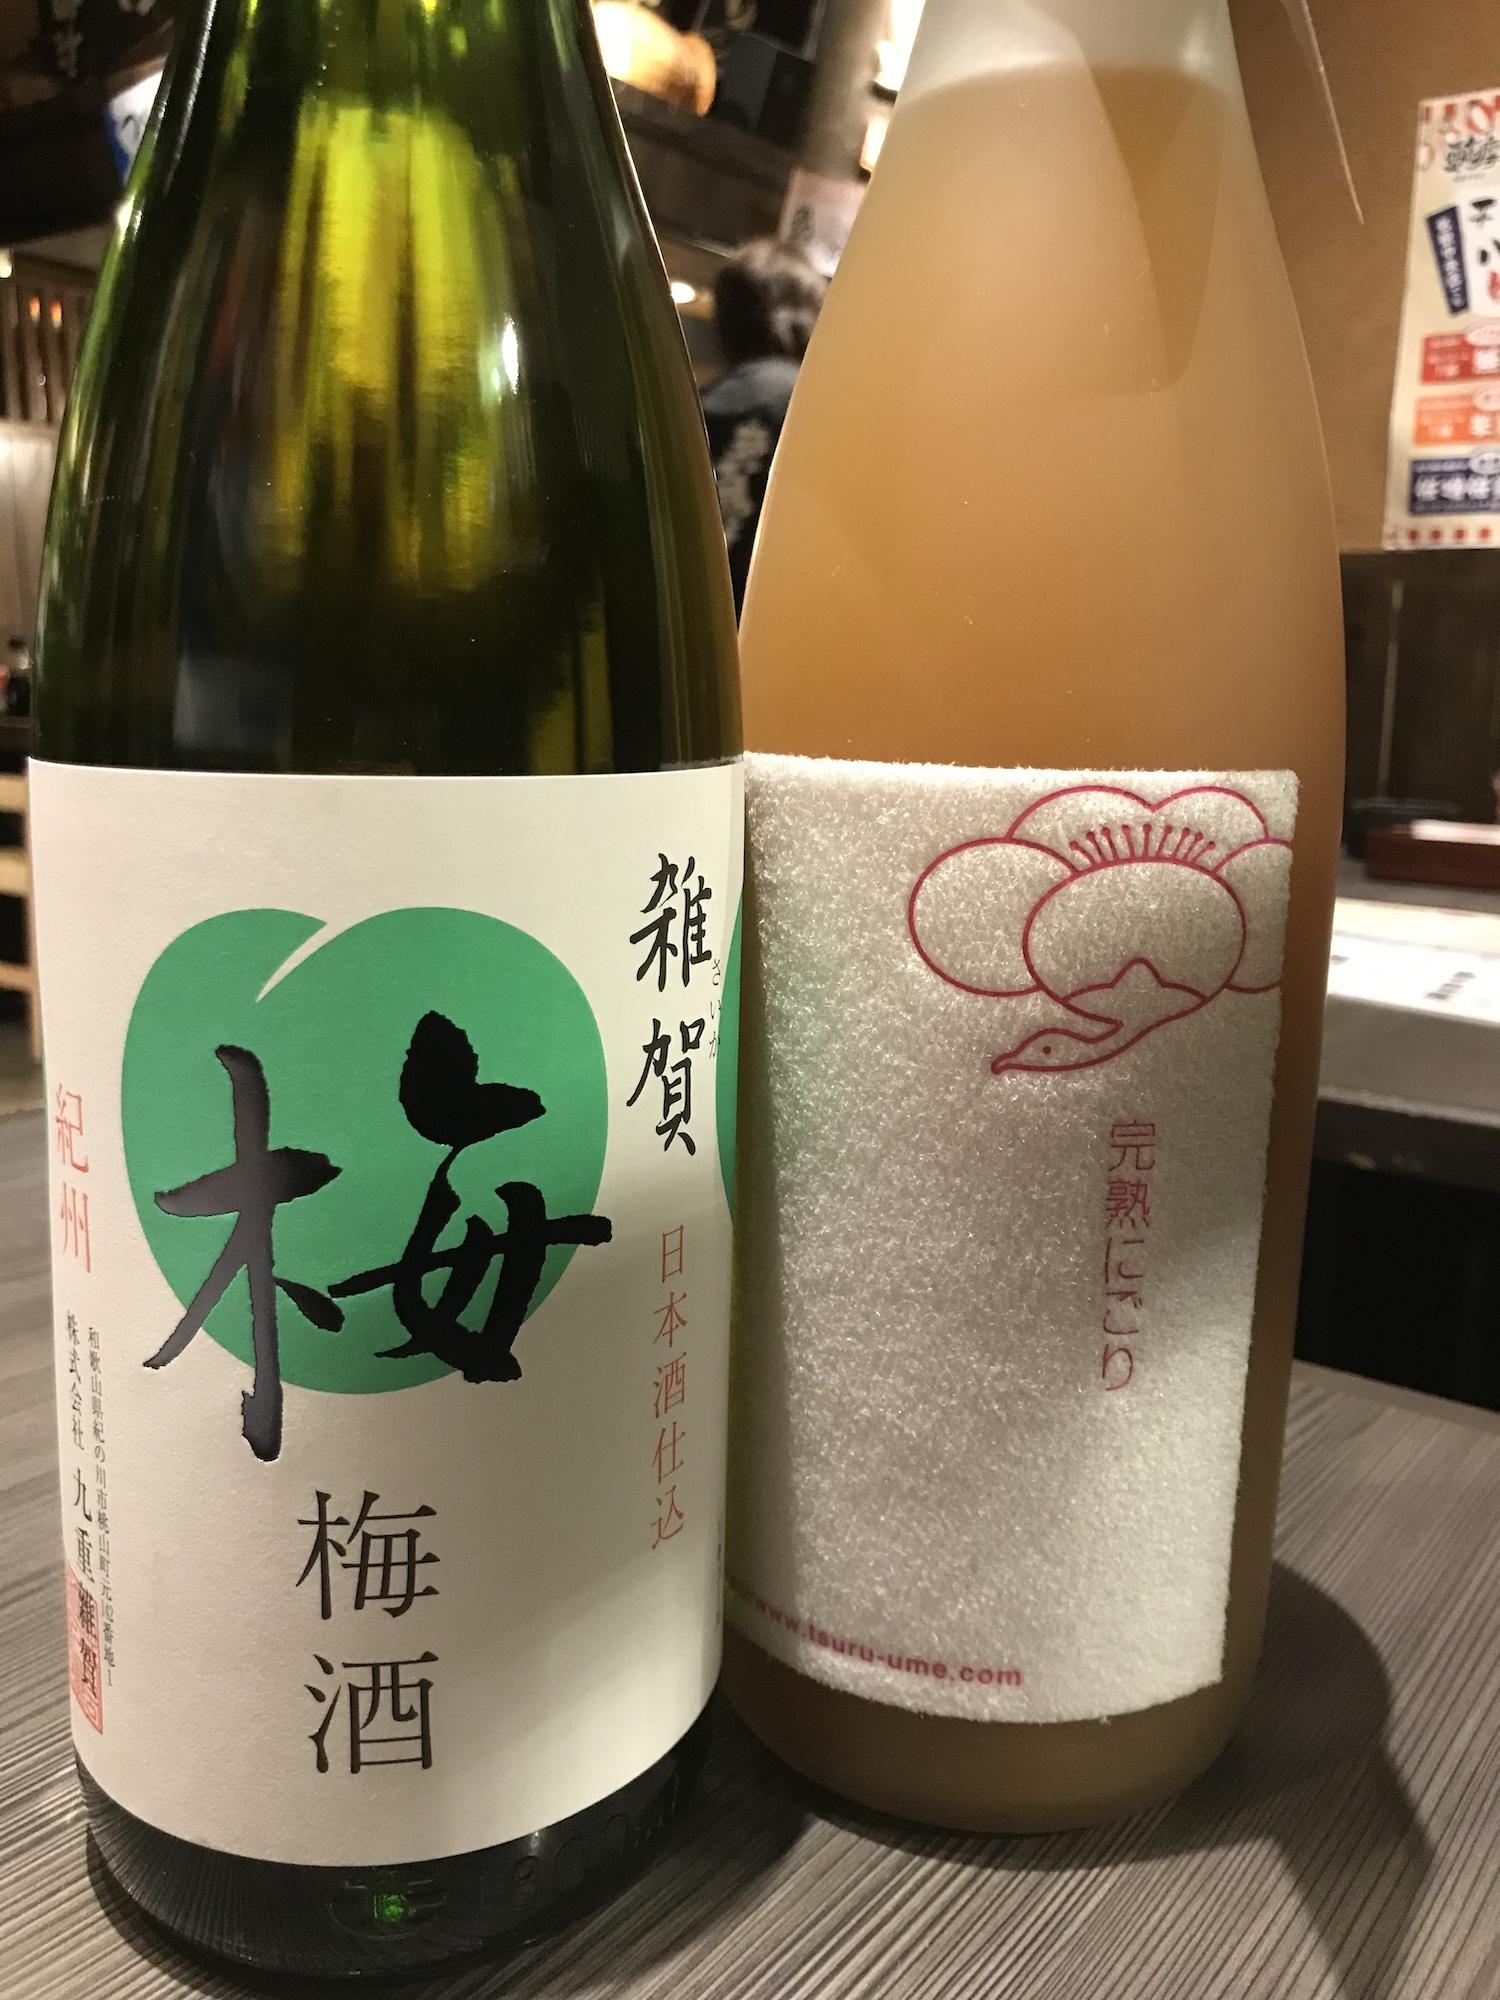 今日は、 【梅酒】を紹介します!